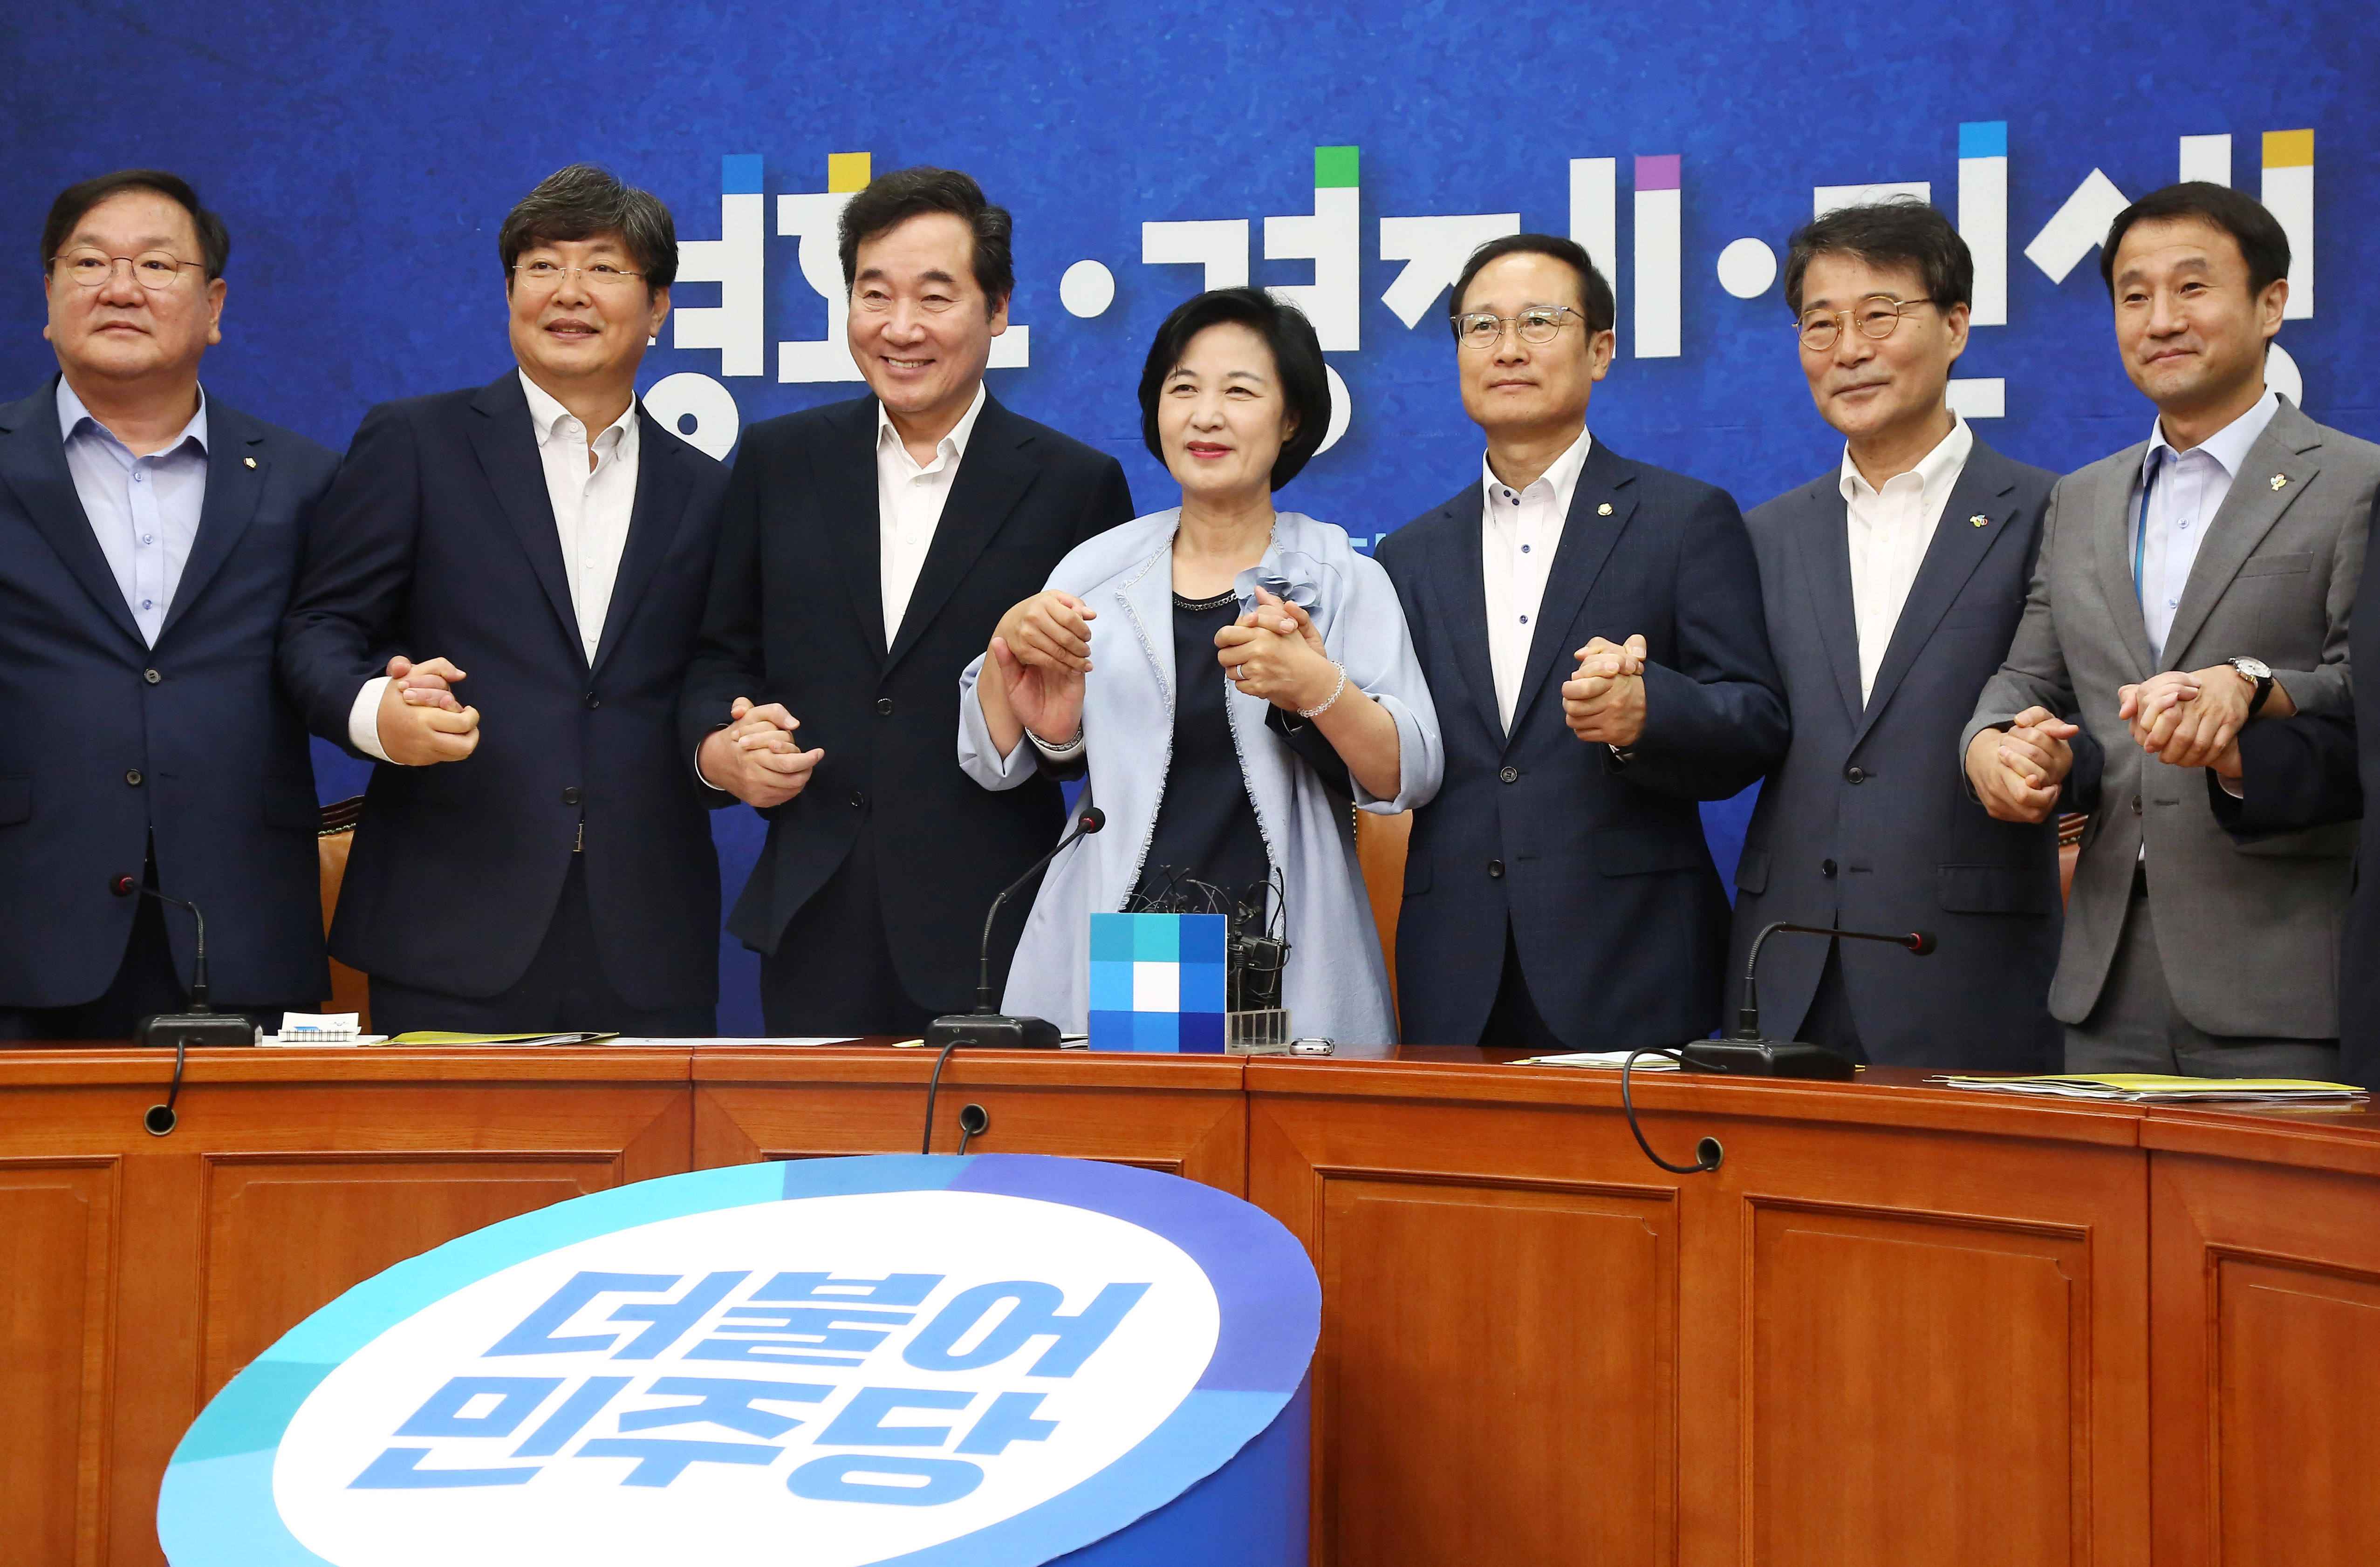 고위 당정청, '남북 후속조치 및 서민경제 대책' 논의